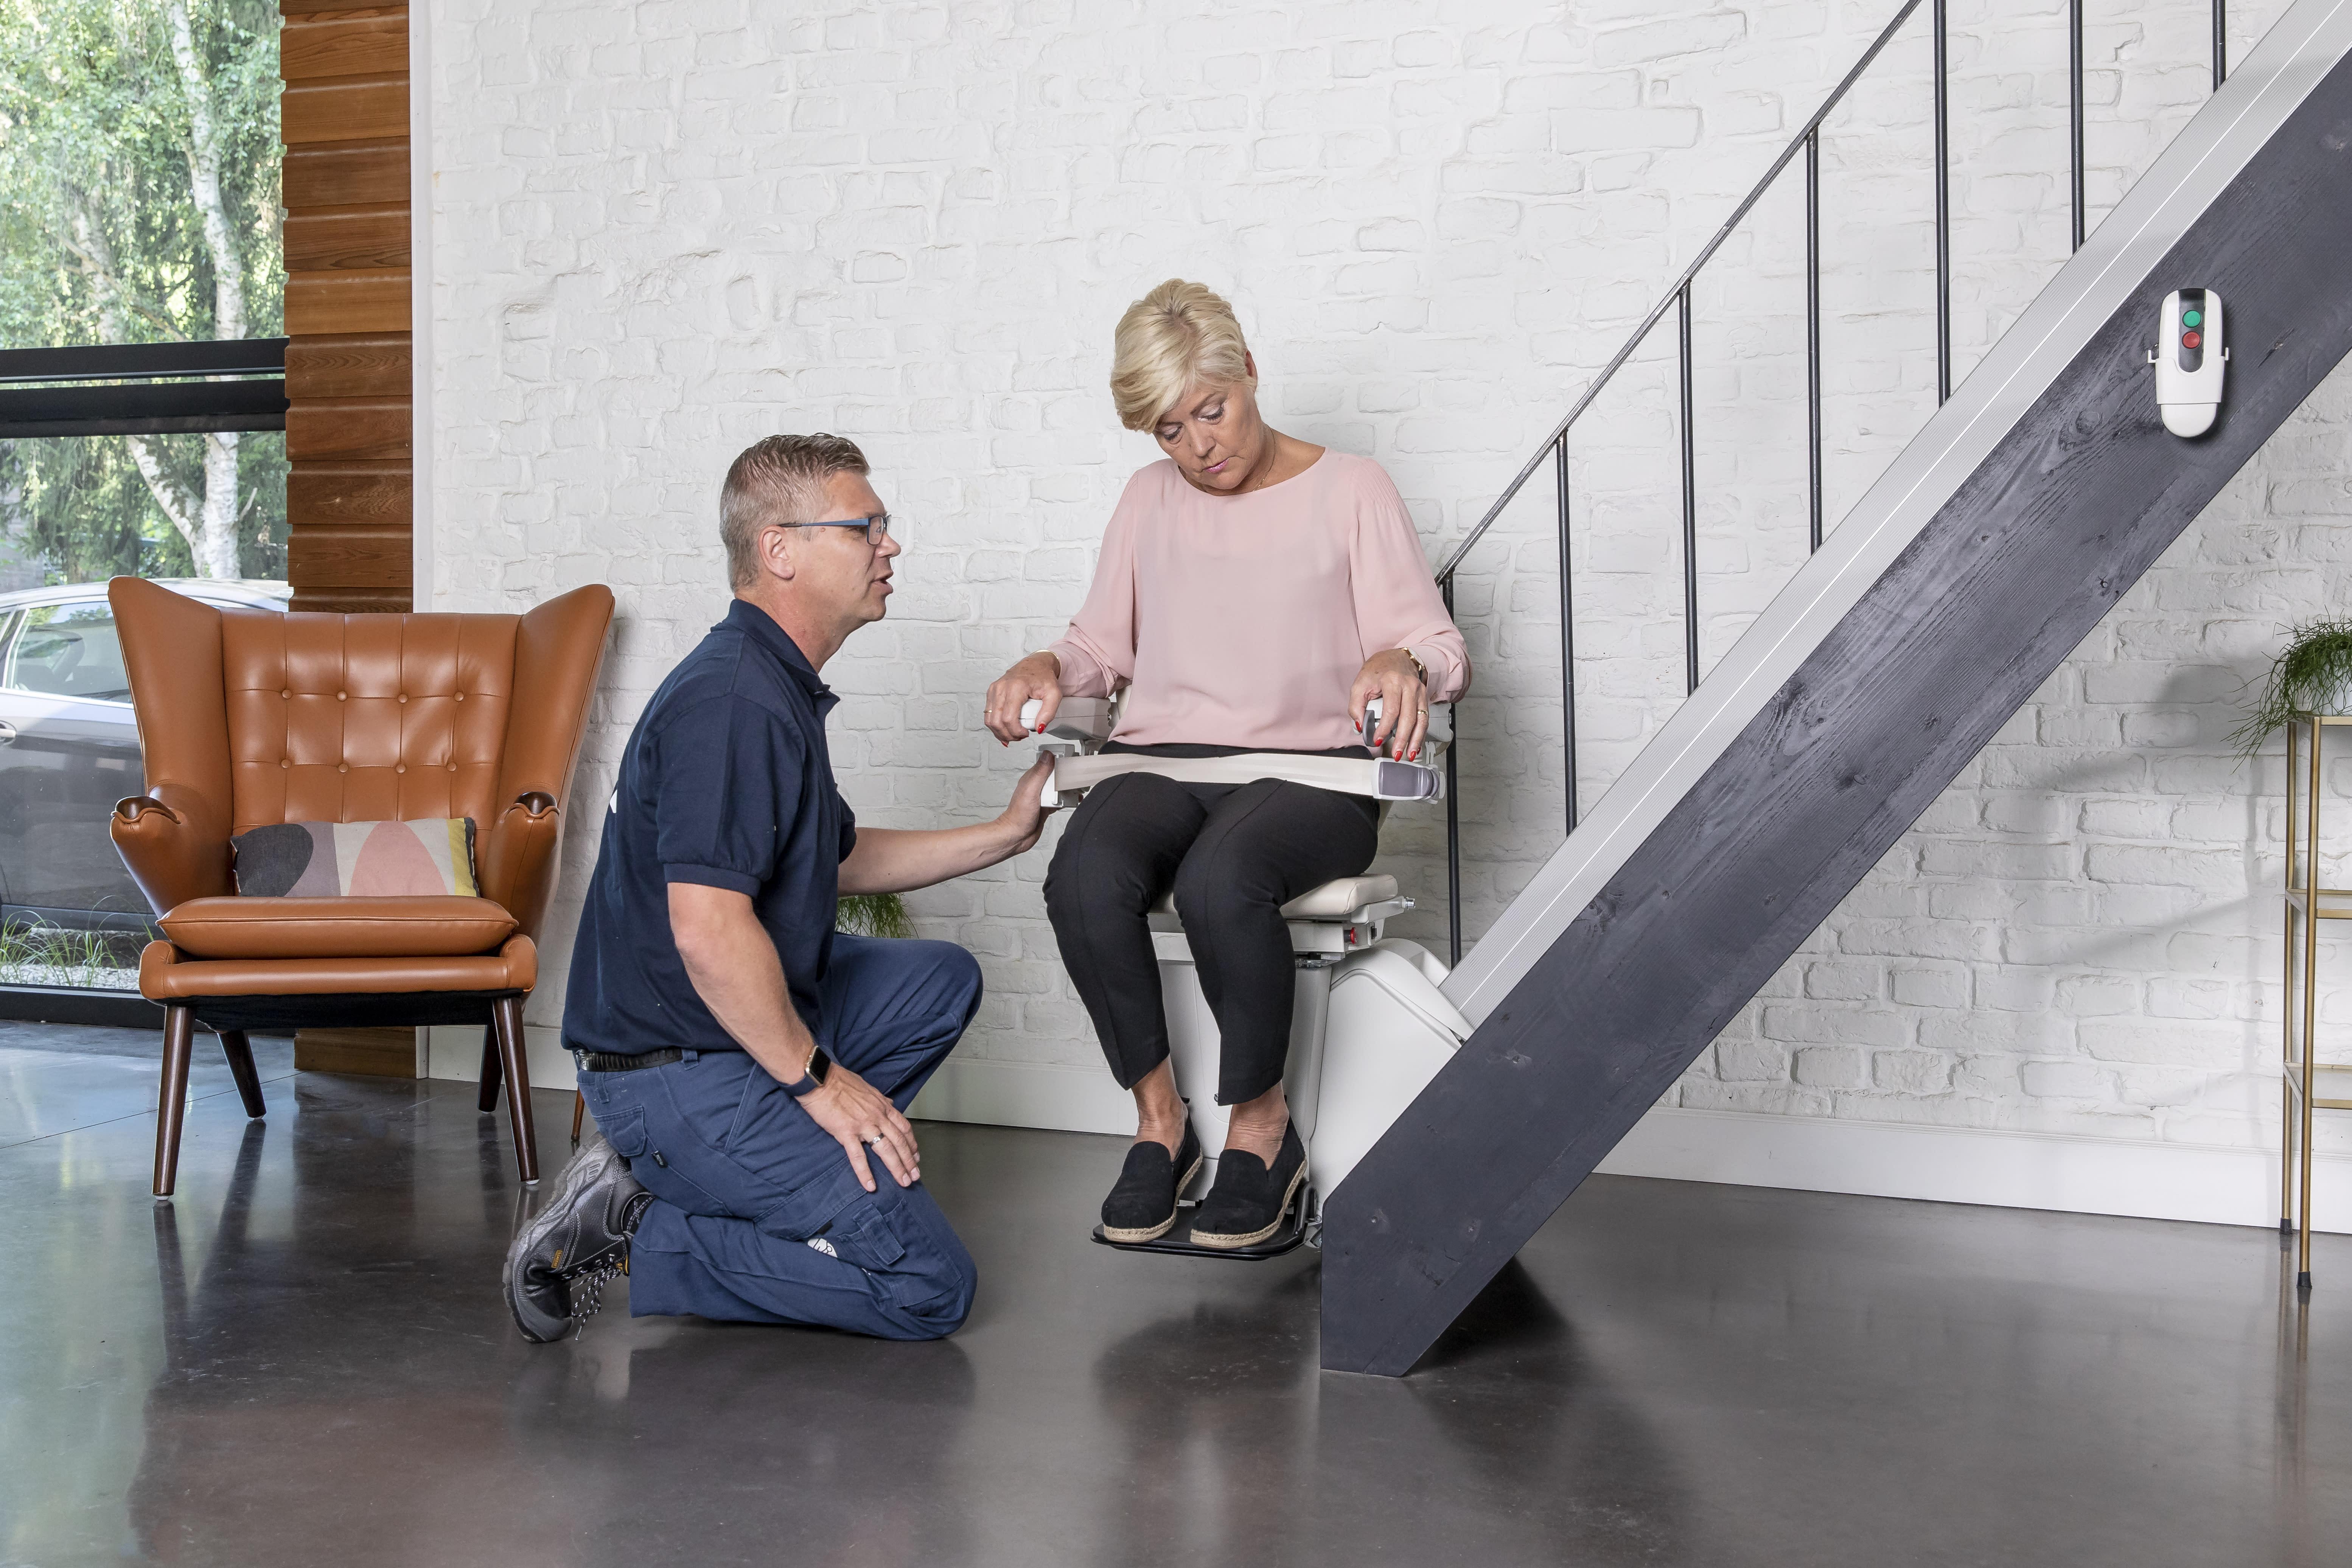 Frau sitzt in Treppenlift und wird beraten